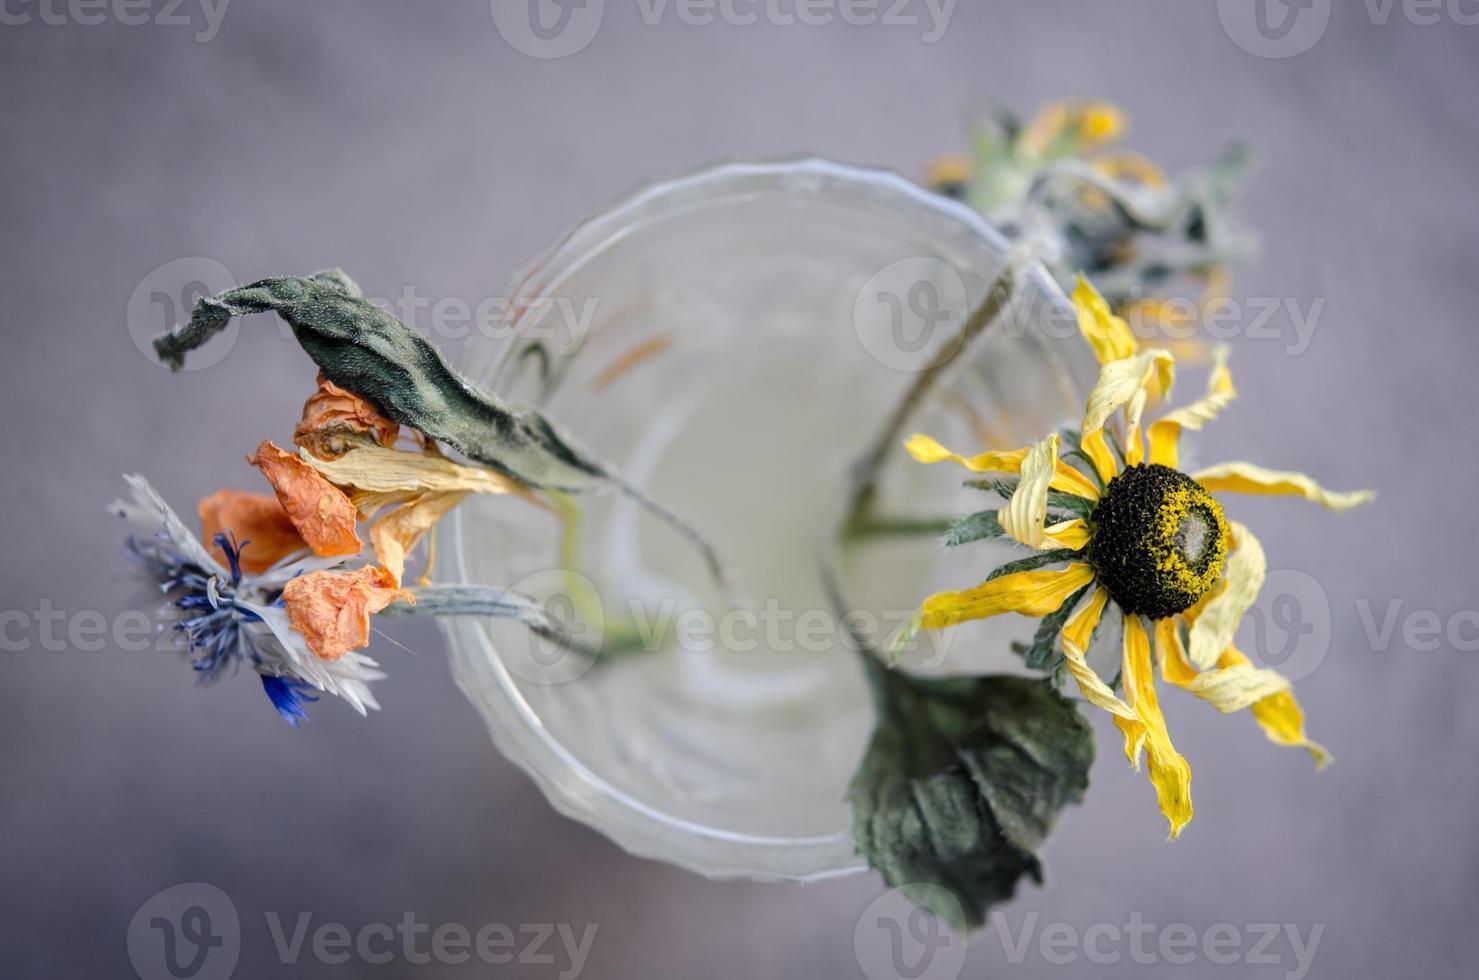 Fleurs mortes sèches dans un vase en verre photo